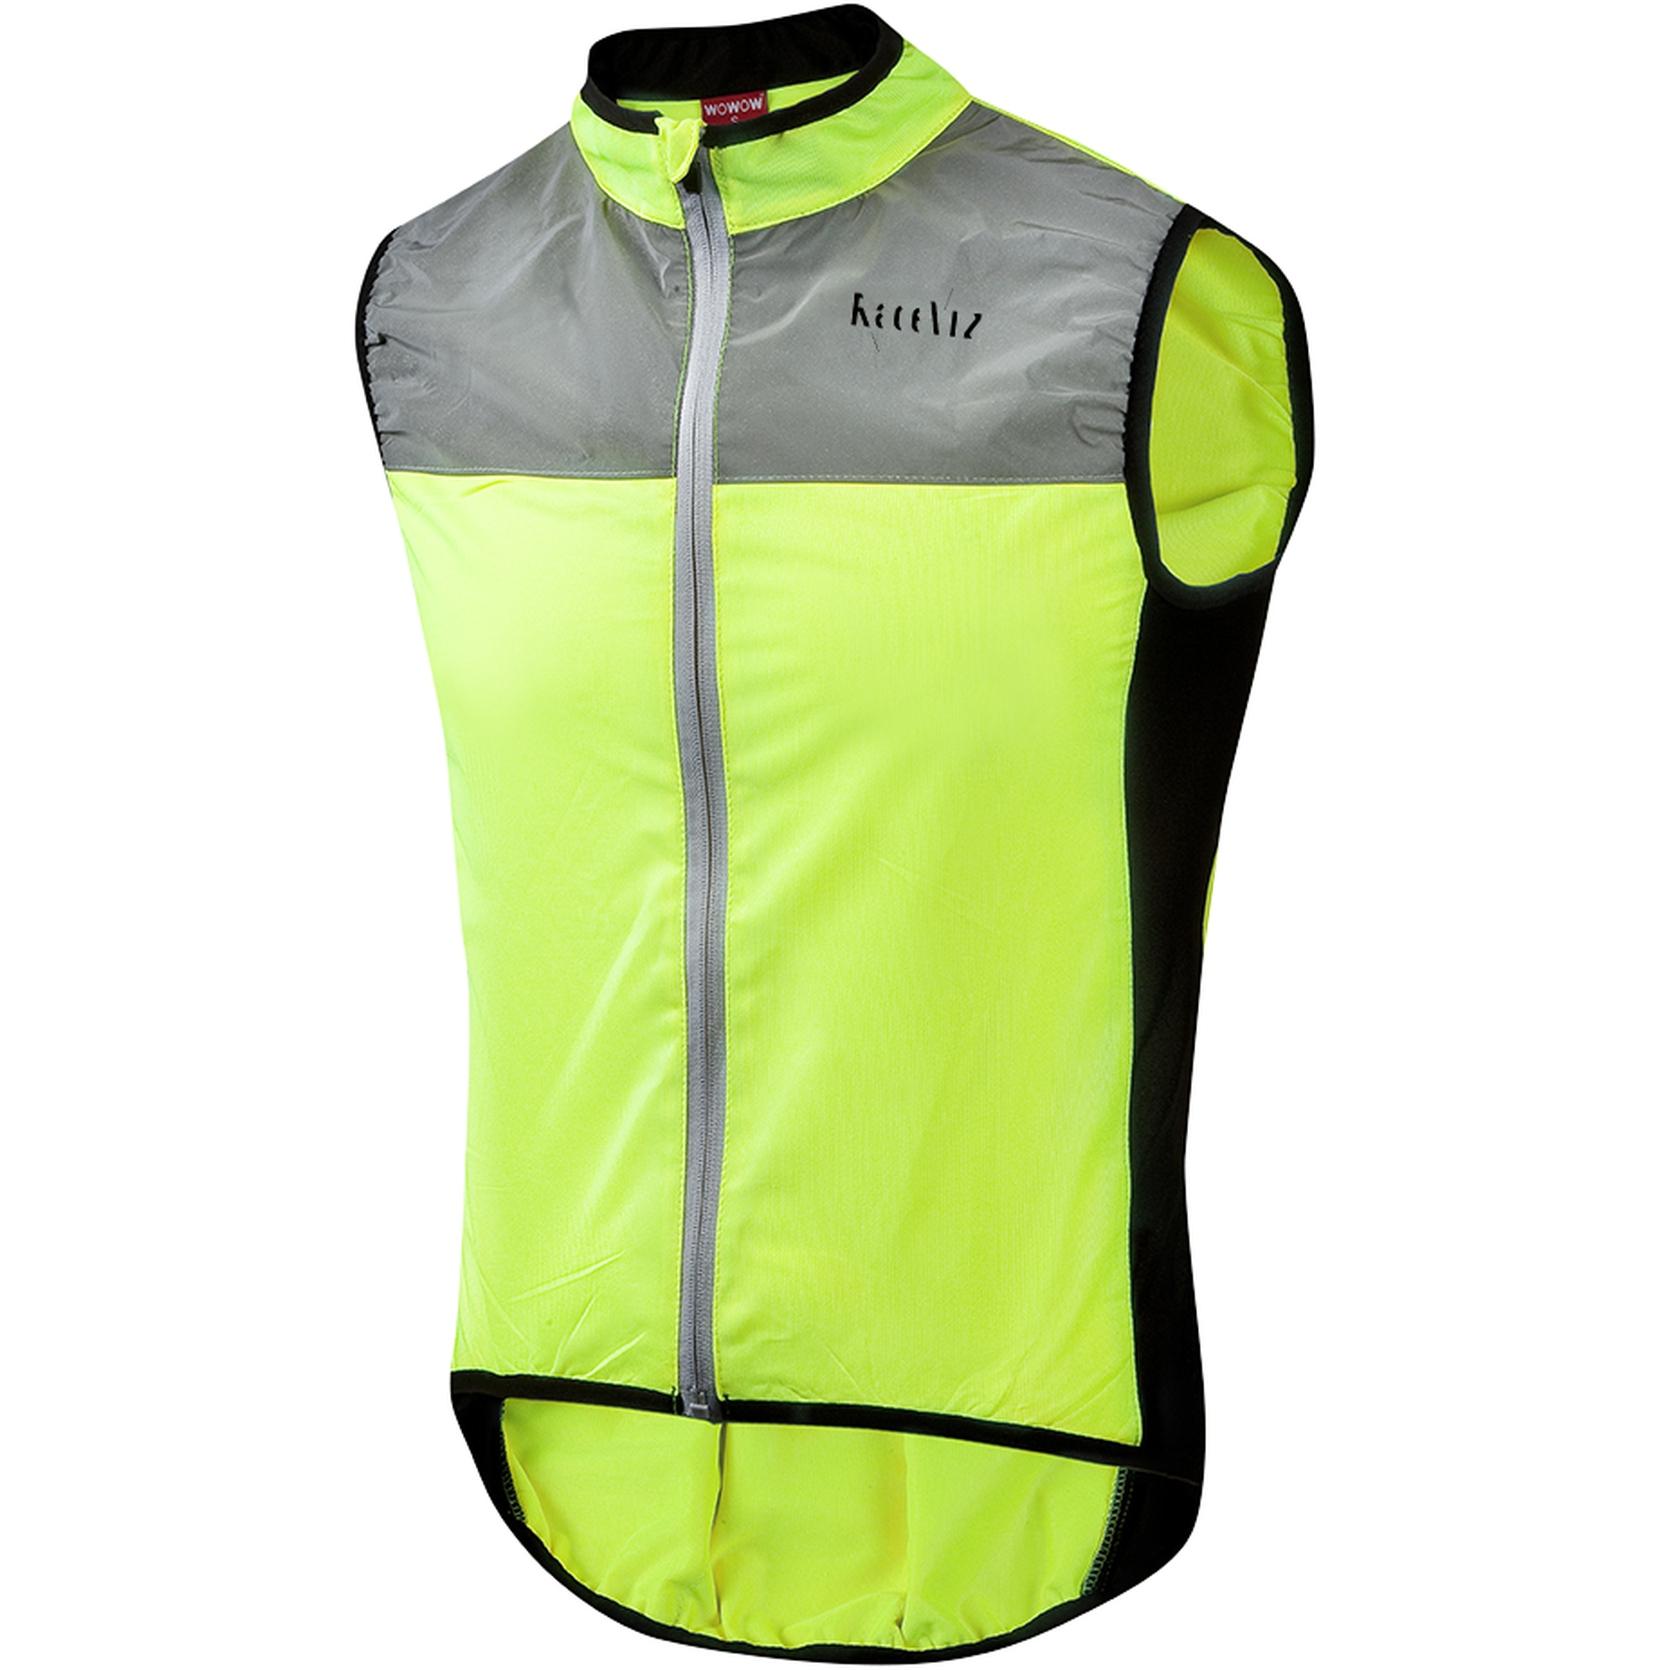 WOWOW Dark Jacket 1.1 Sport-Fahrradweste - gelb / grau